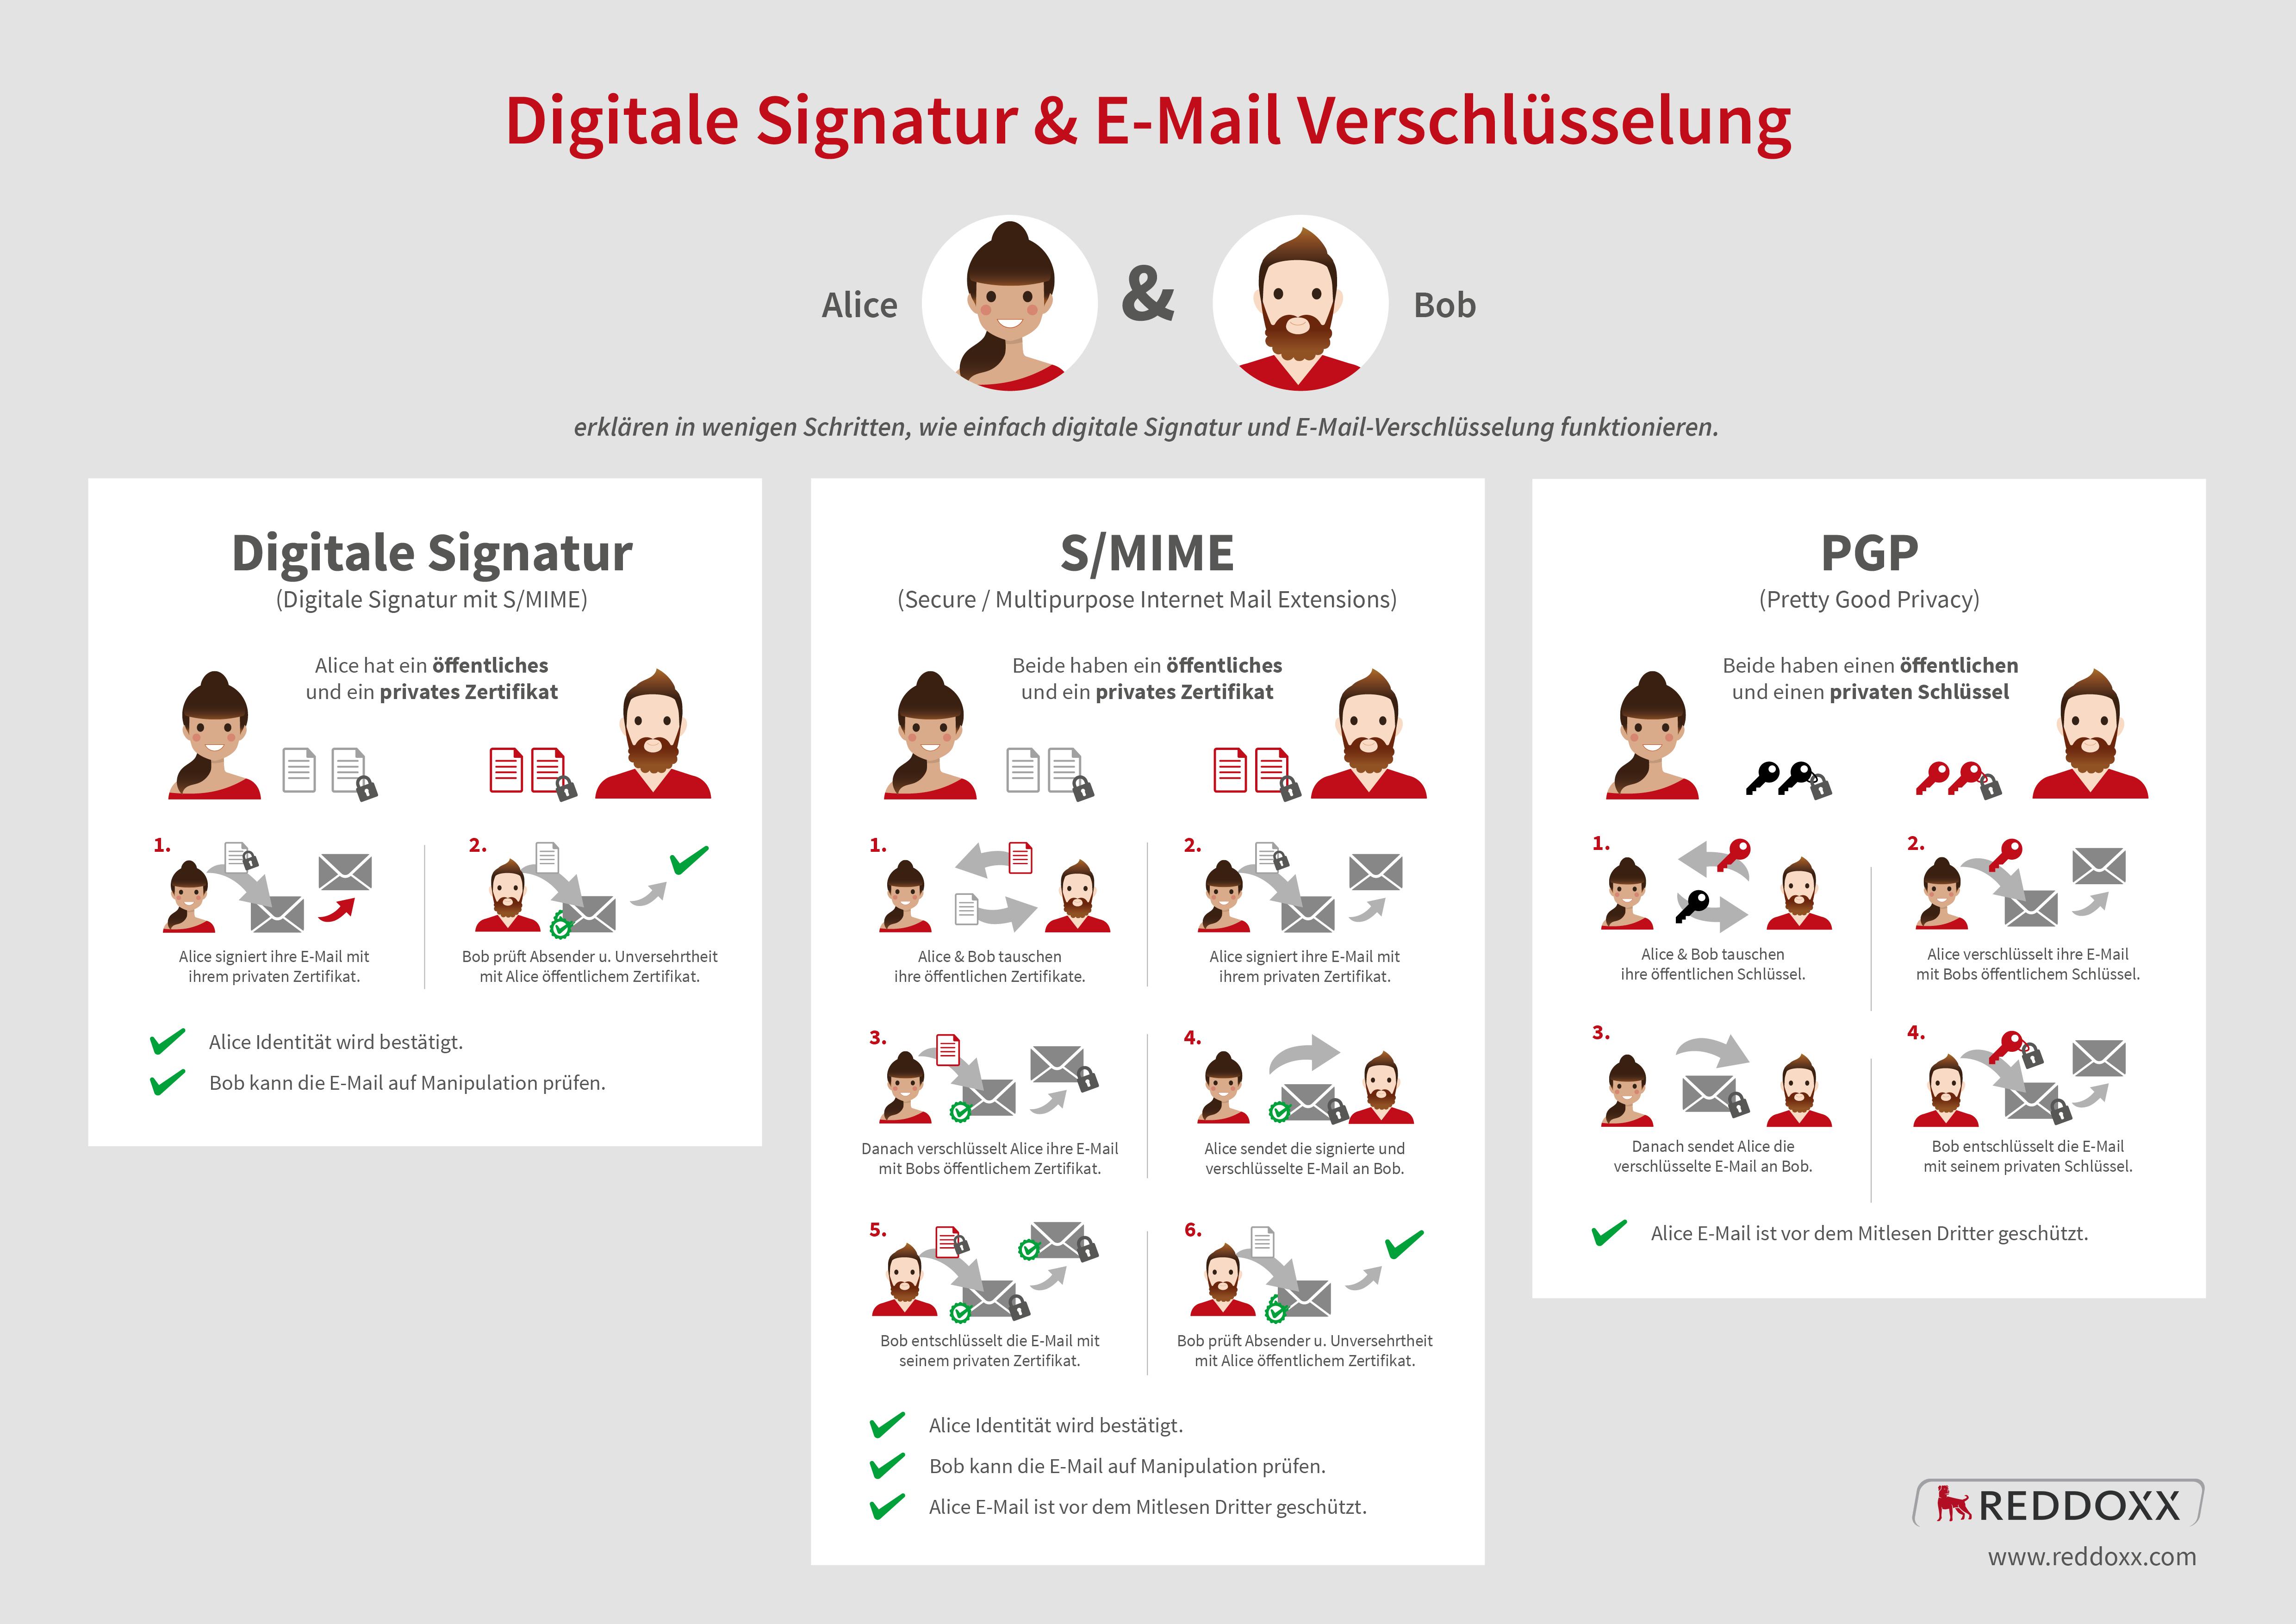 Wie funktioniert Digitale Signatur & E-Mail-Verschlüsselung